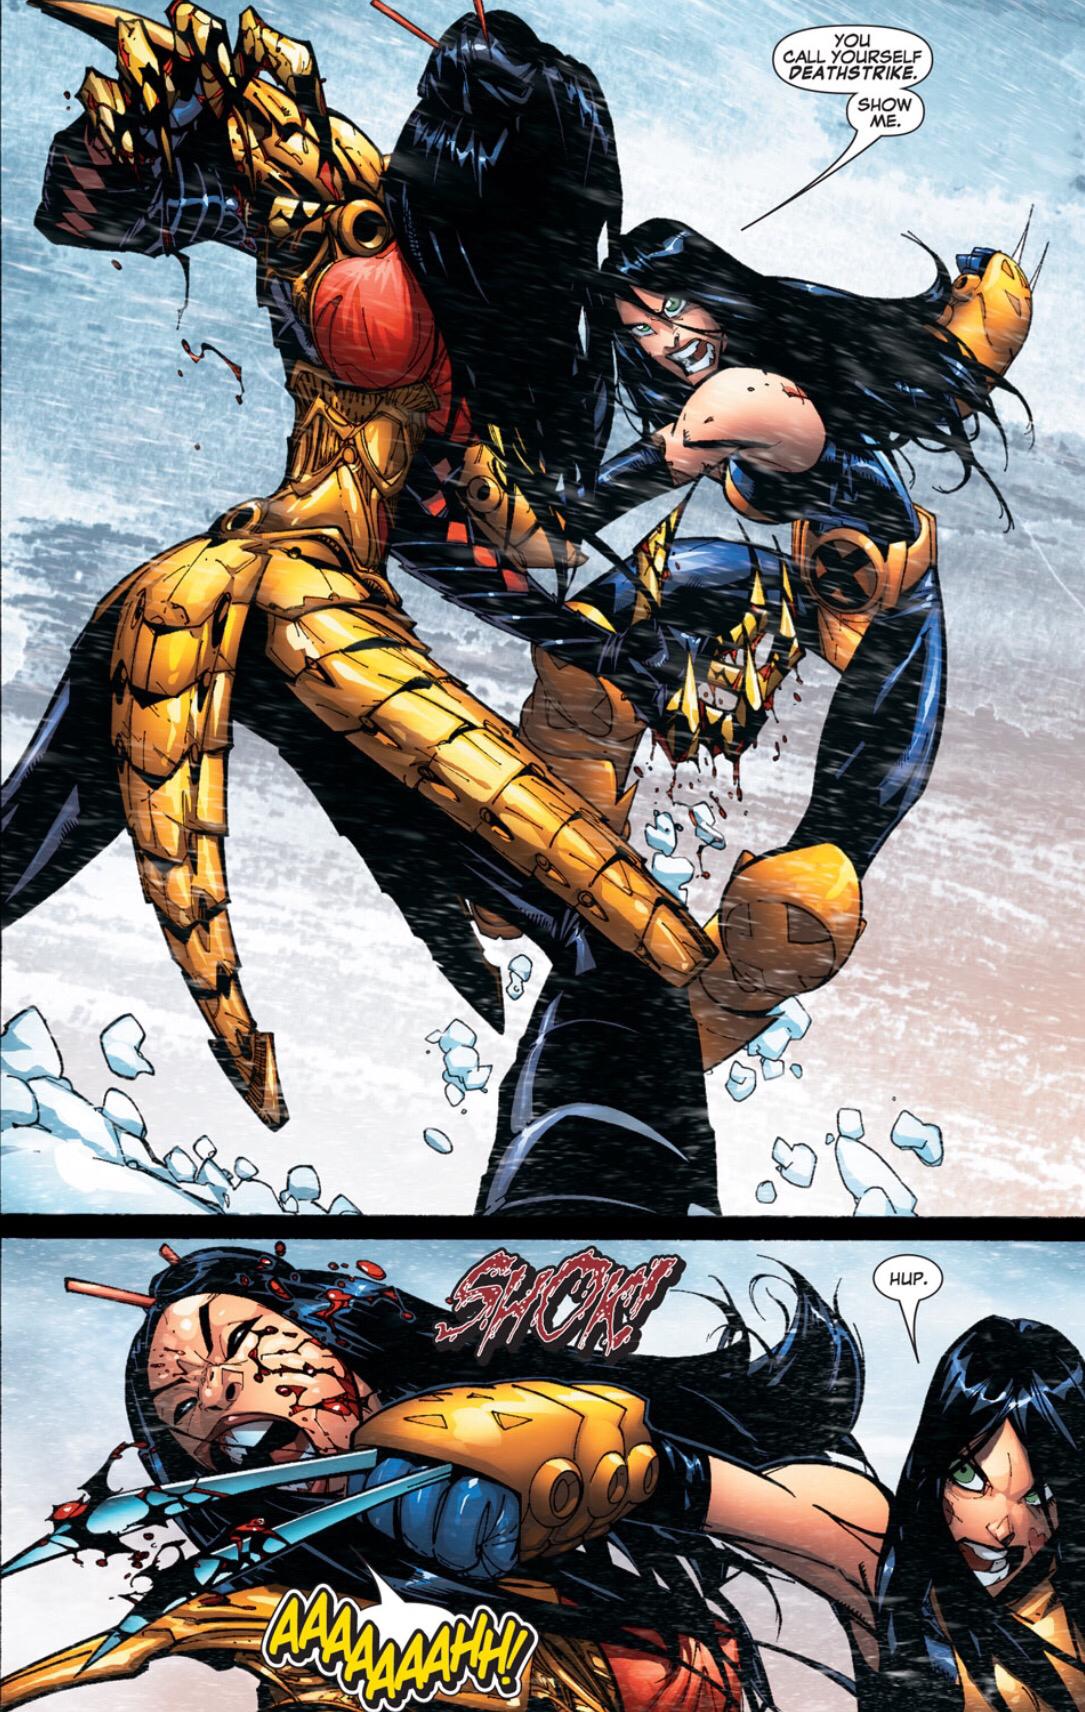 X-23 vs. Lady Deathstrike X 23